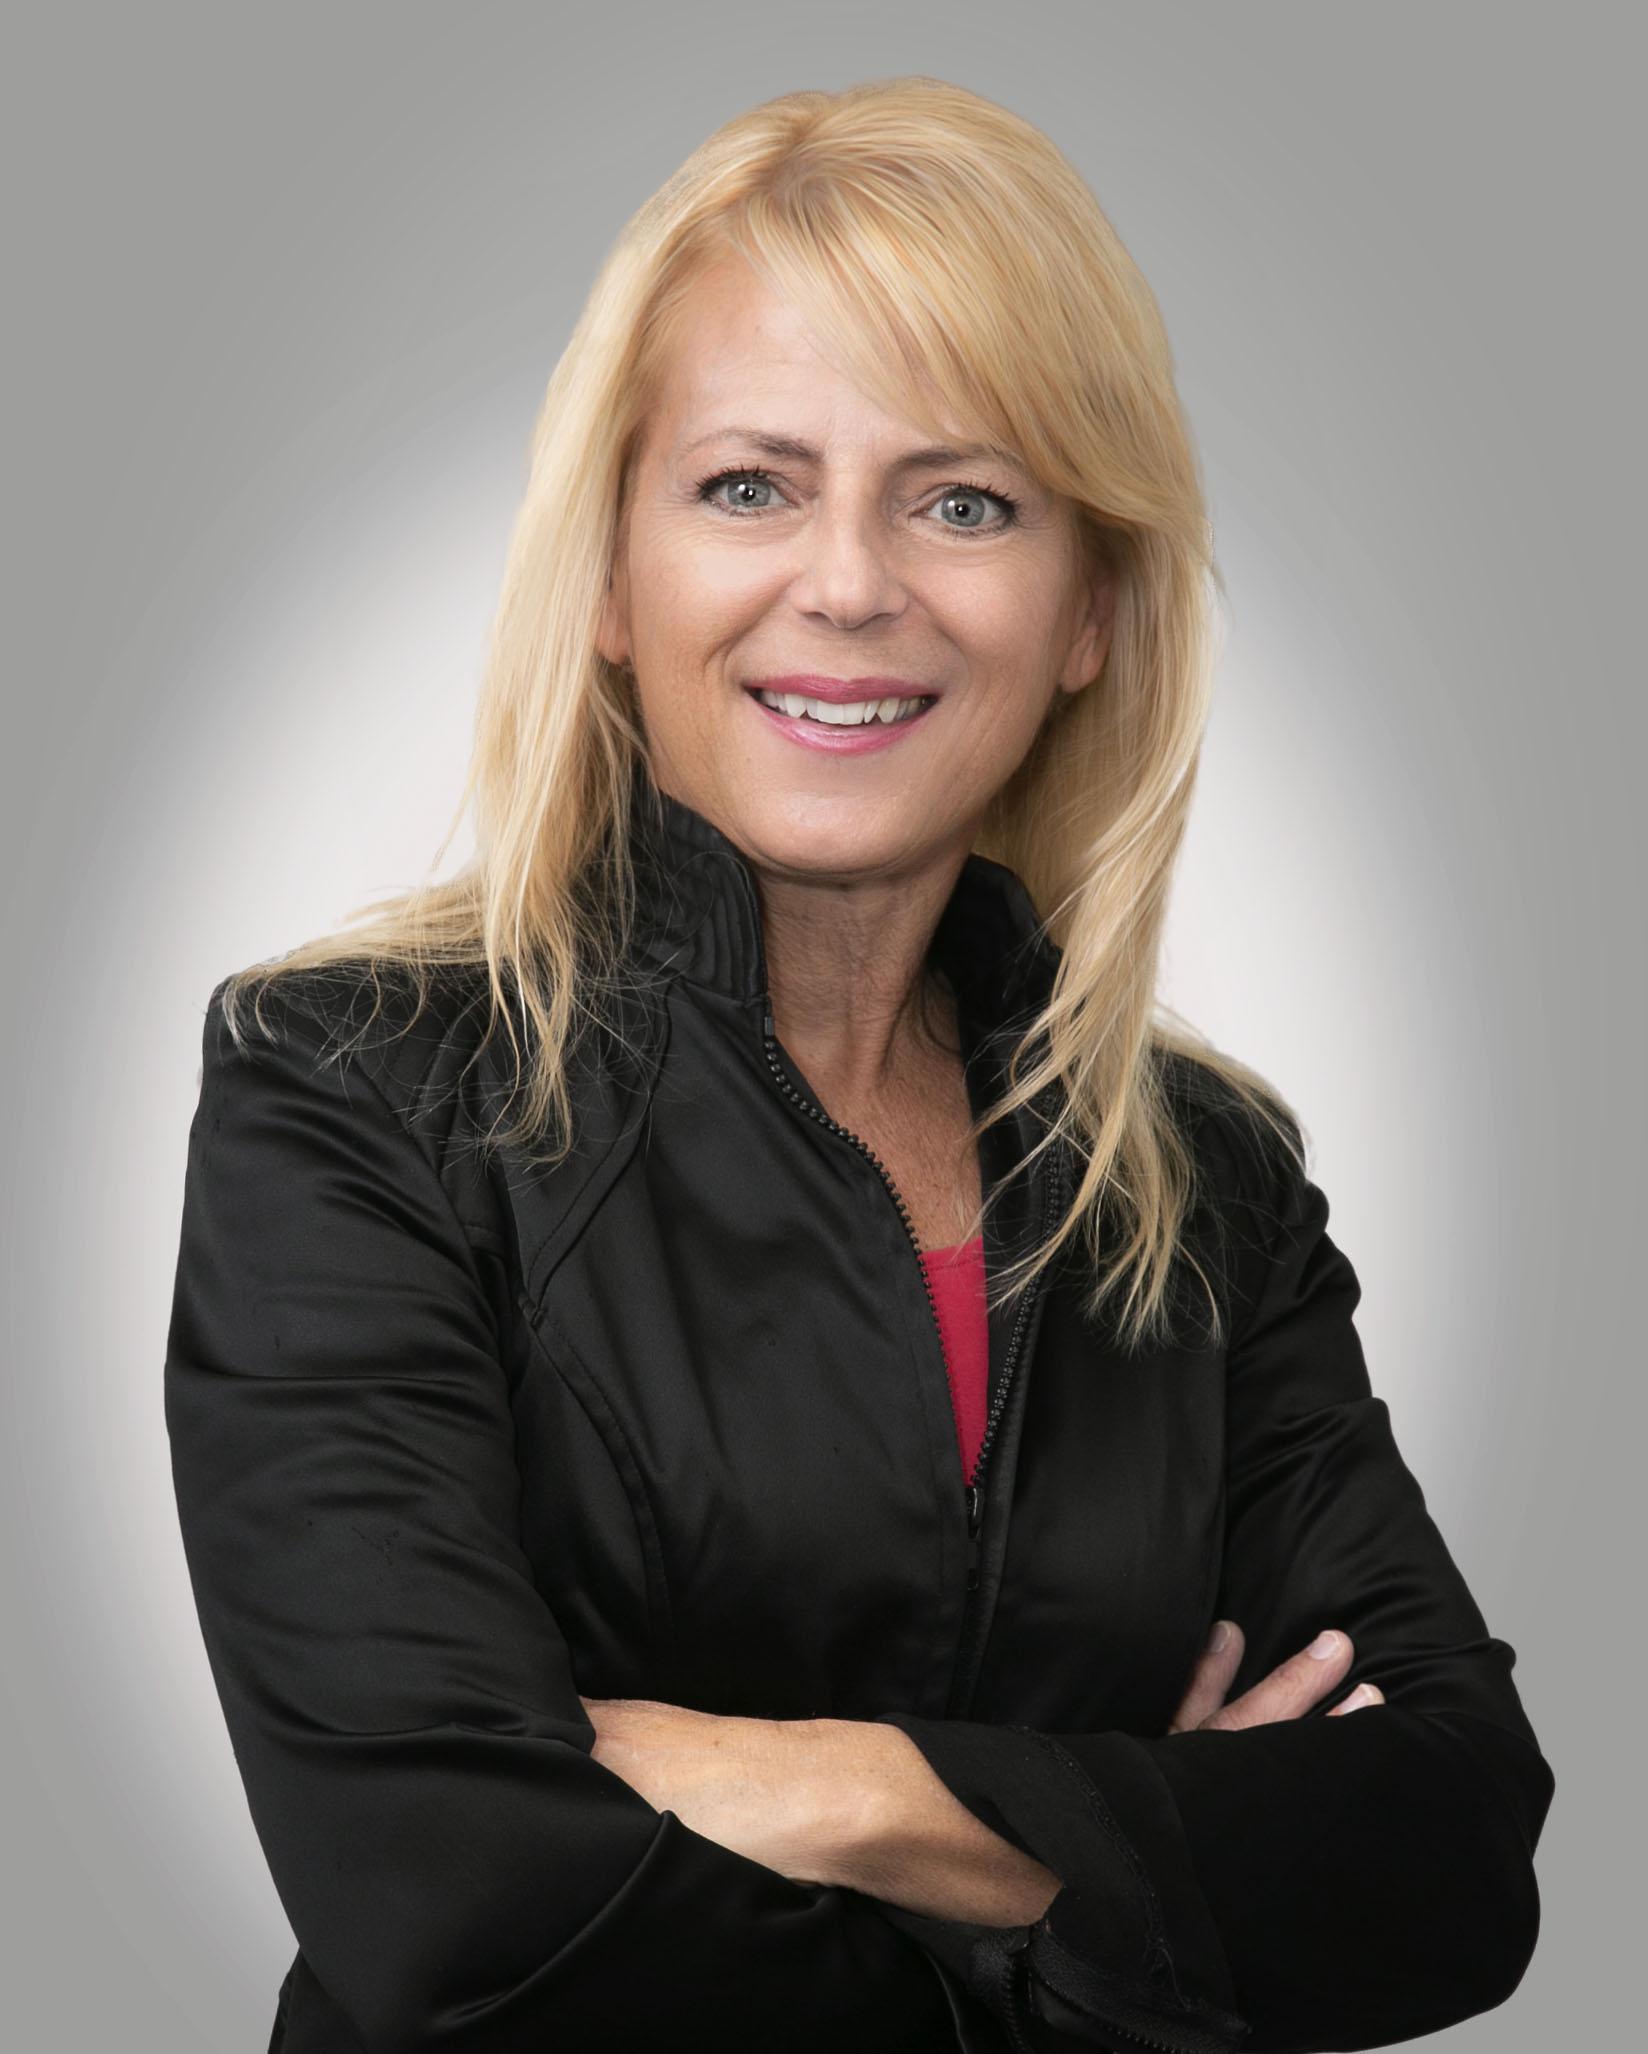 Janice undefined Yates